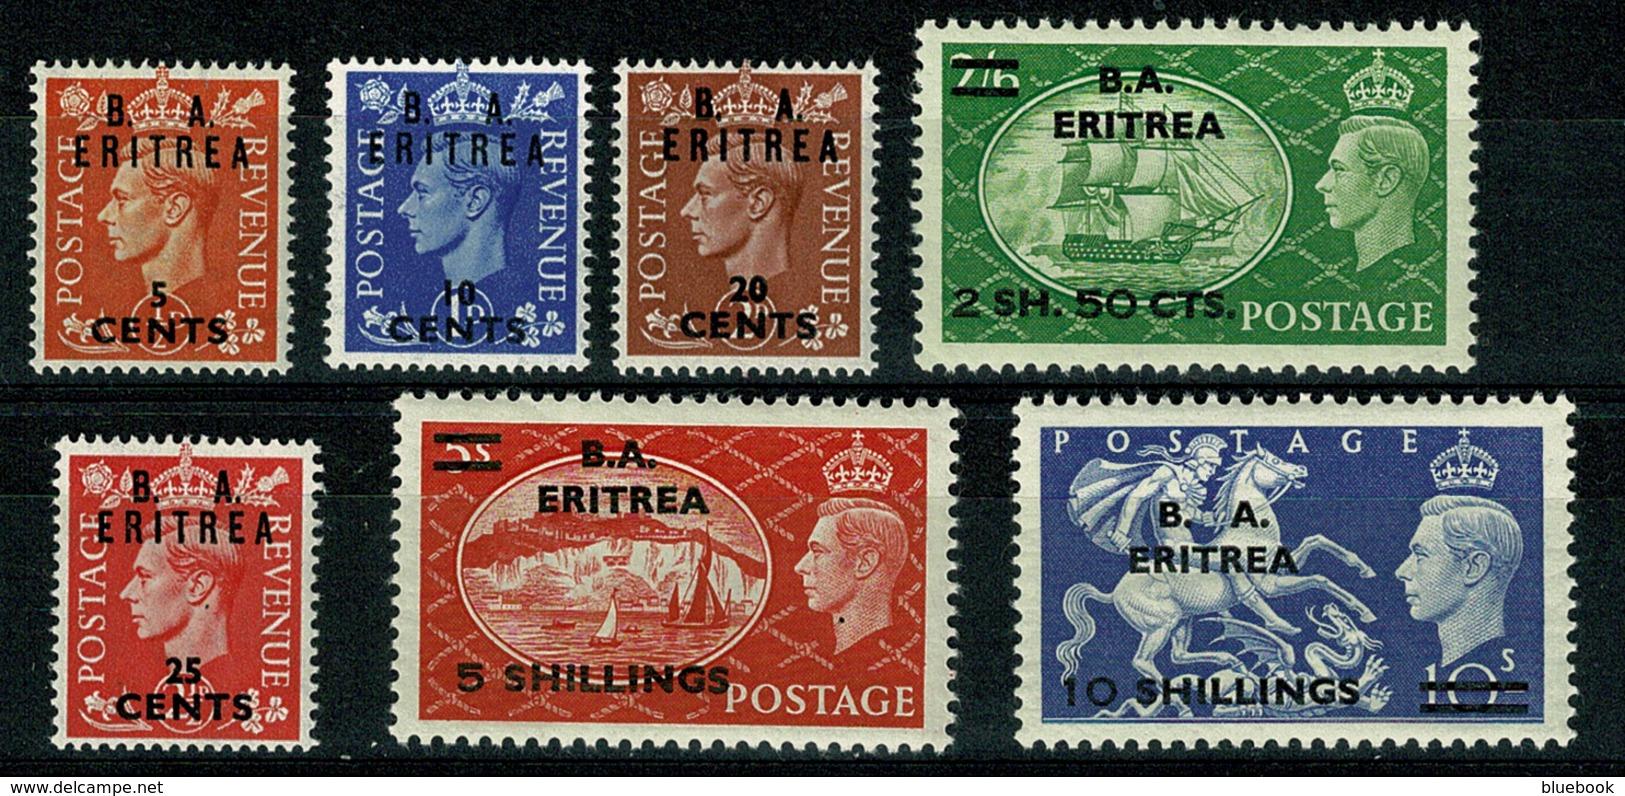 Ref 1292 - GB Stamps - British Occupation Of Italian Eritrea1951 MNH Set SG E26-E32 - Eritrea